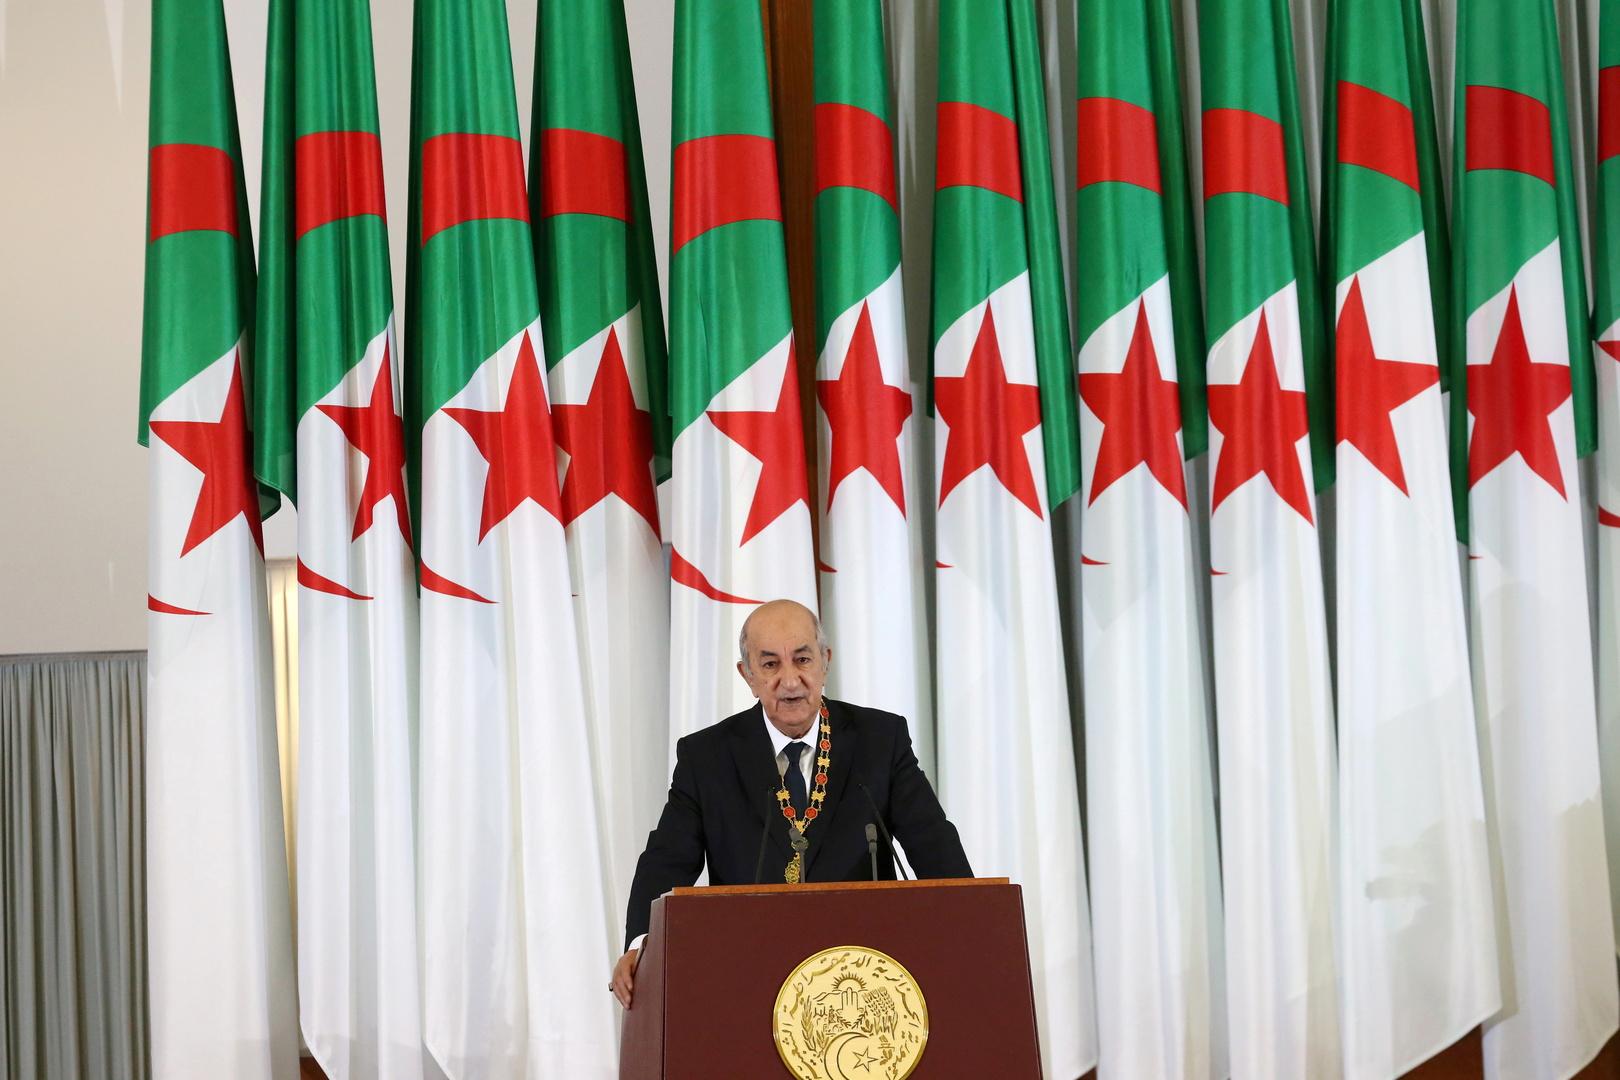 تبون: عندما قالت الجزائر إن طرابلس خط أحمر كانت تقصد ما تقول